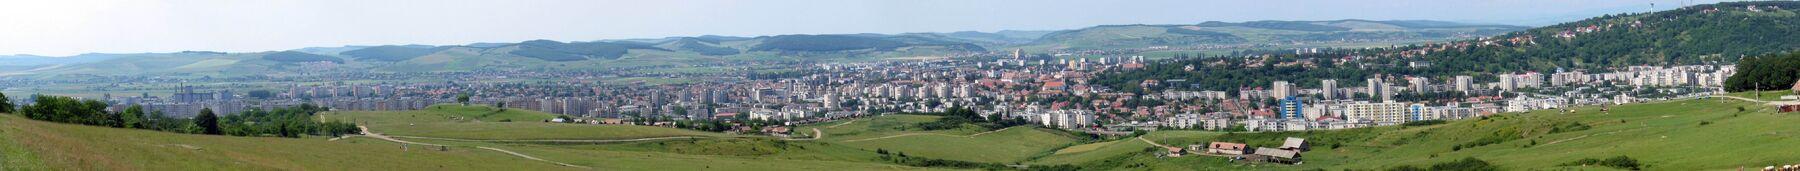 TarguMures Panorama